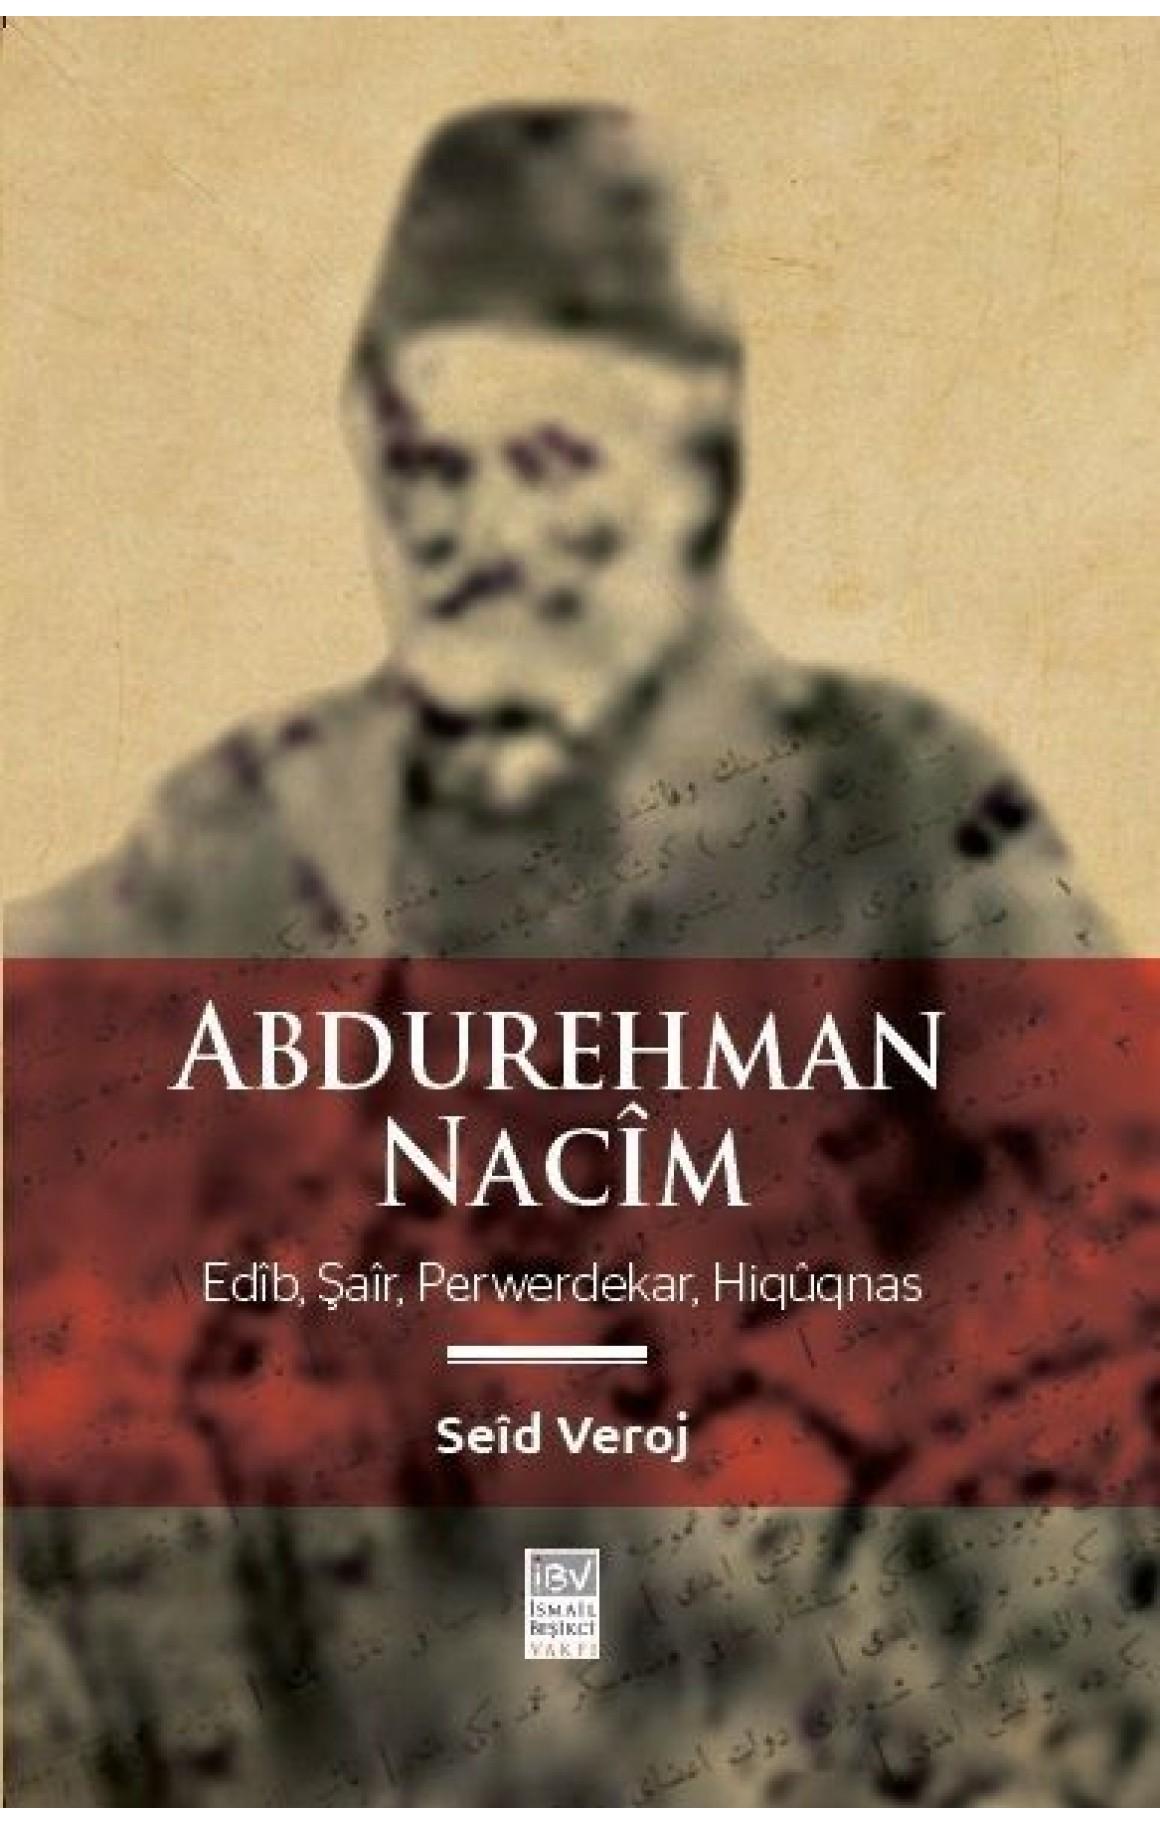 Abdurehman Nacîm - Edîp, Şaîr, Perwerdekar, Hiqûqnas